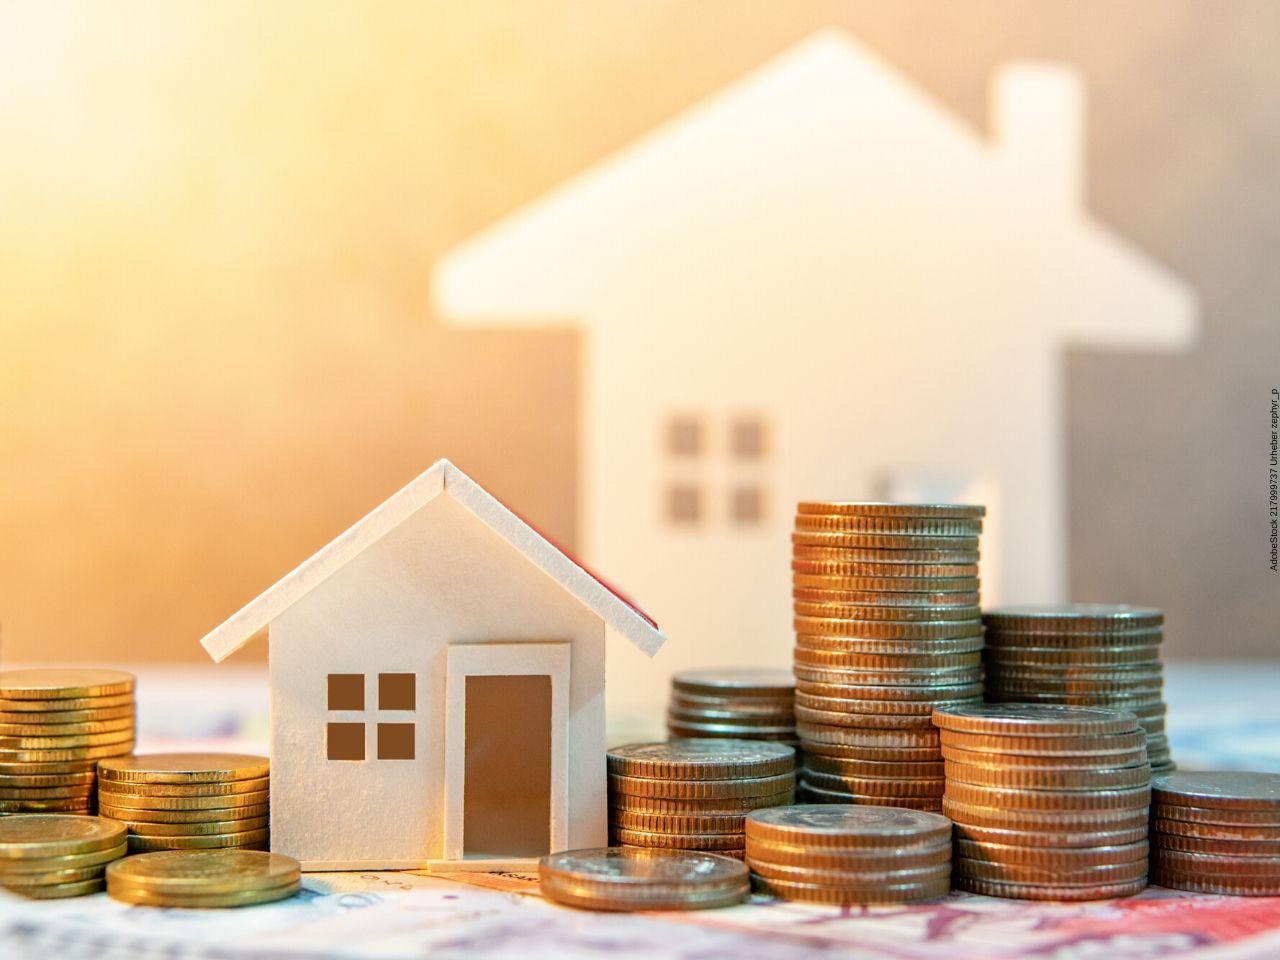 Immobilie privat verkaufen - Der richtige Preis ist entscheidend